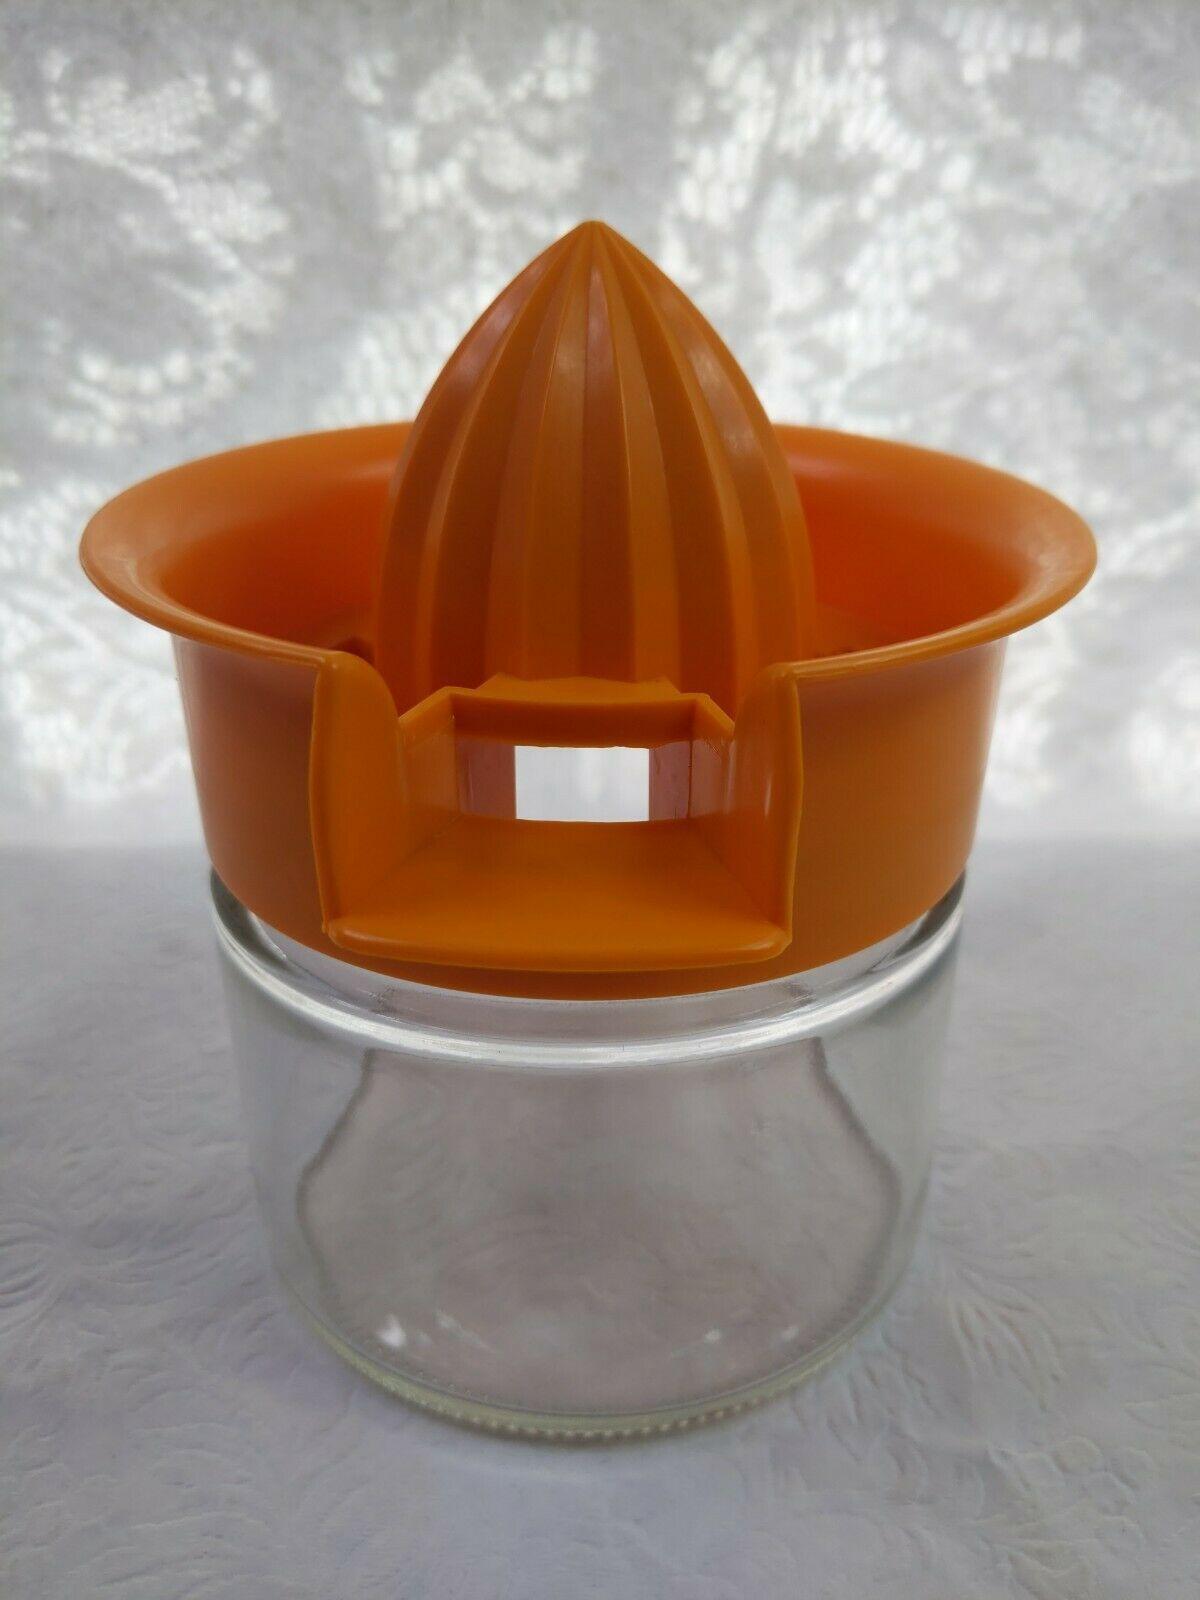 VTG GEMCO Citrus Reamer JUICER with ORANGE Plastic Top Glass Bottom Vintage - $14.85